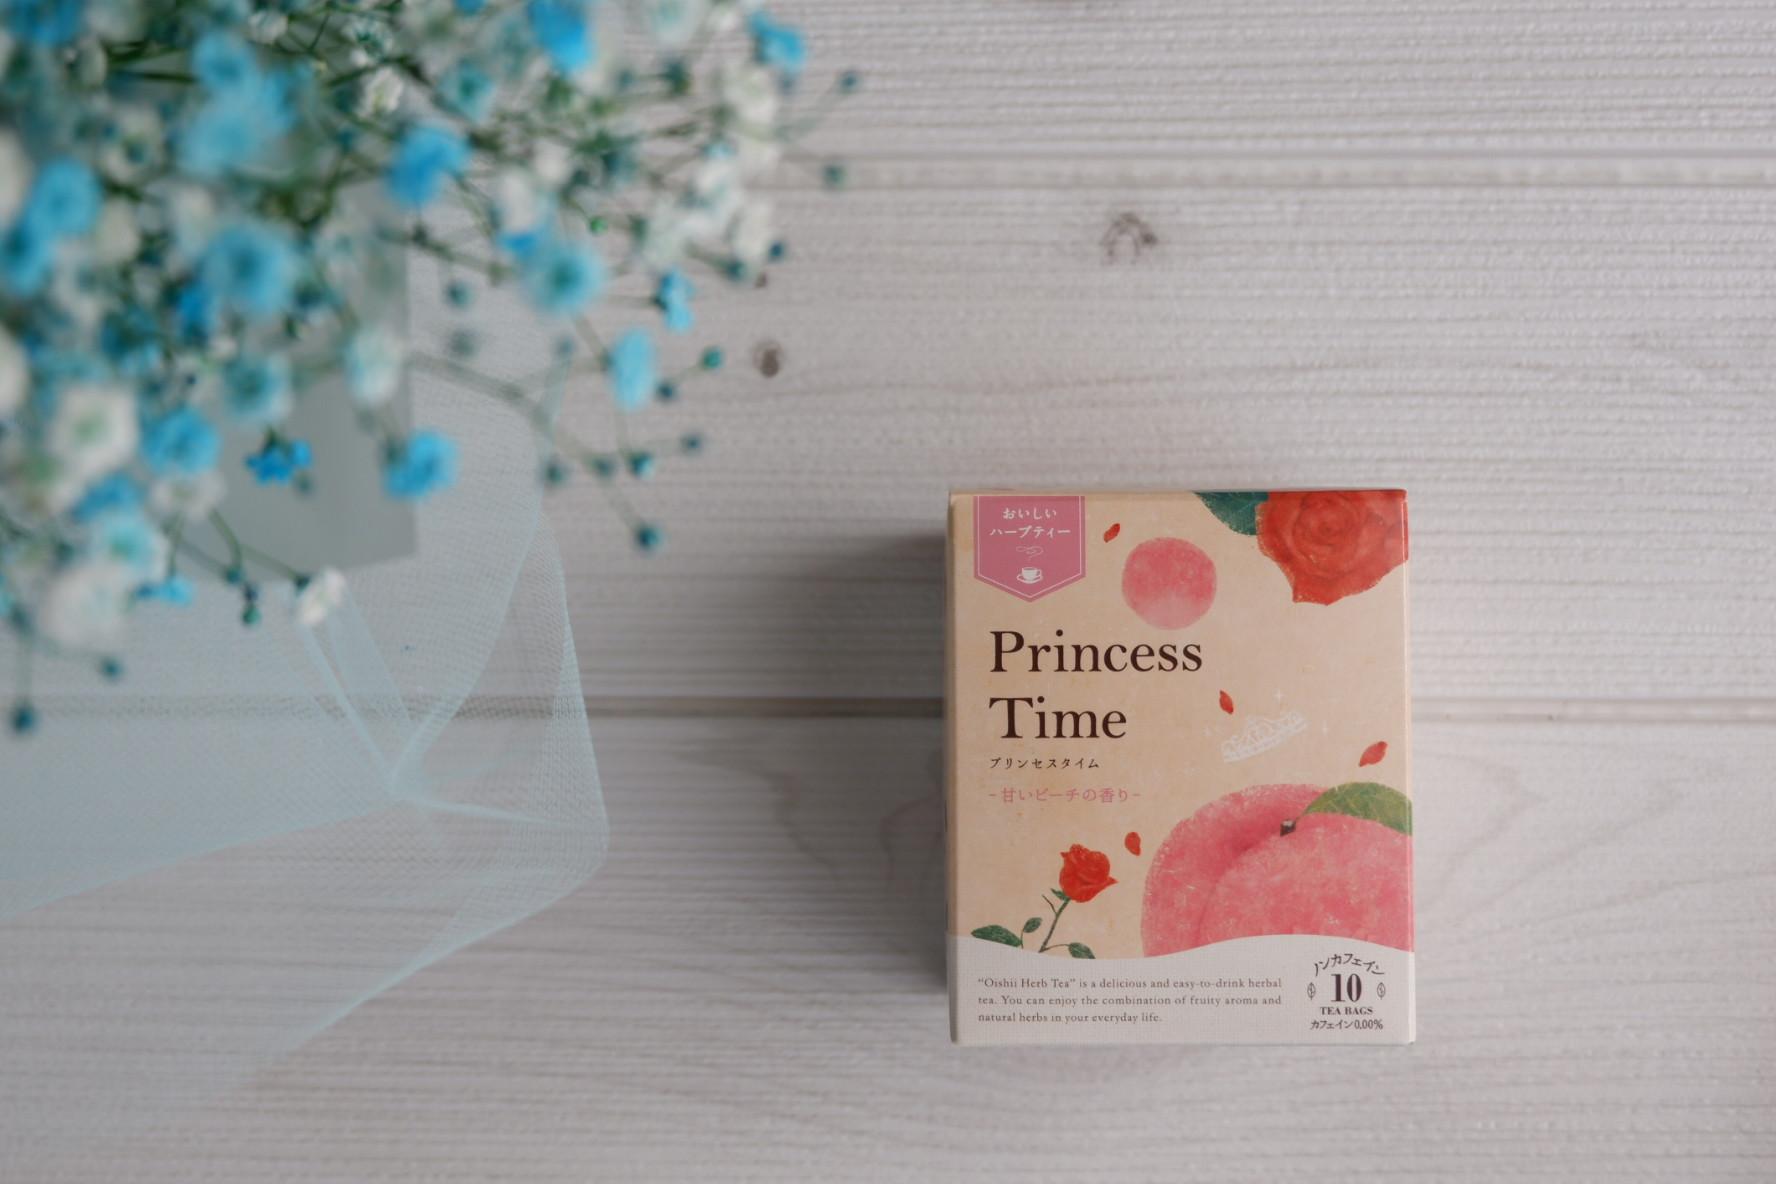 プリンセスタイム~甘いピーチの香り~